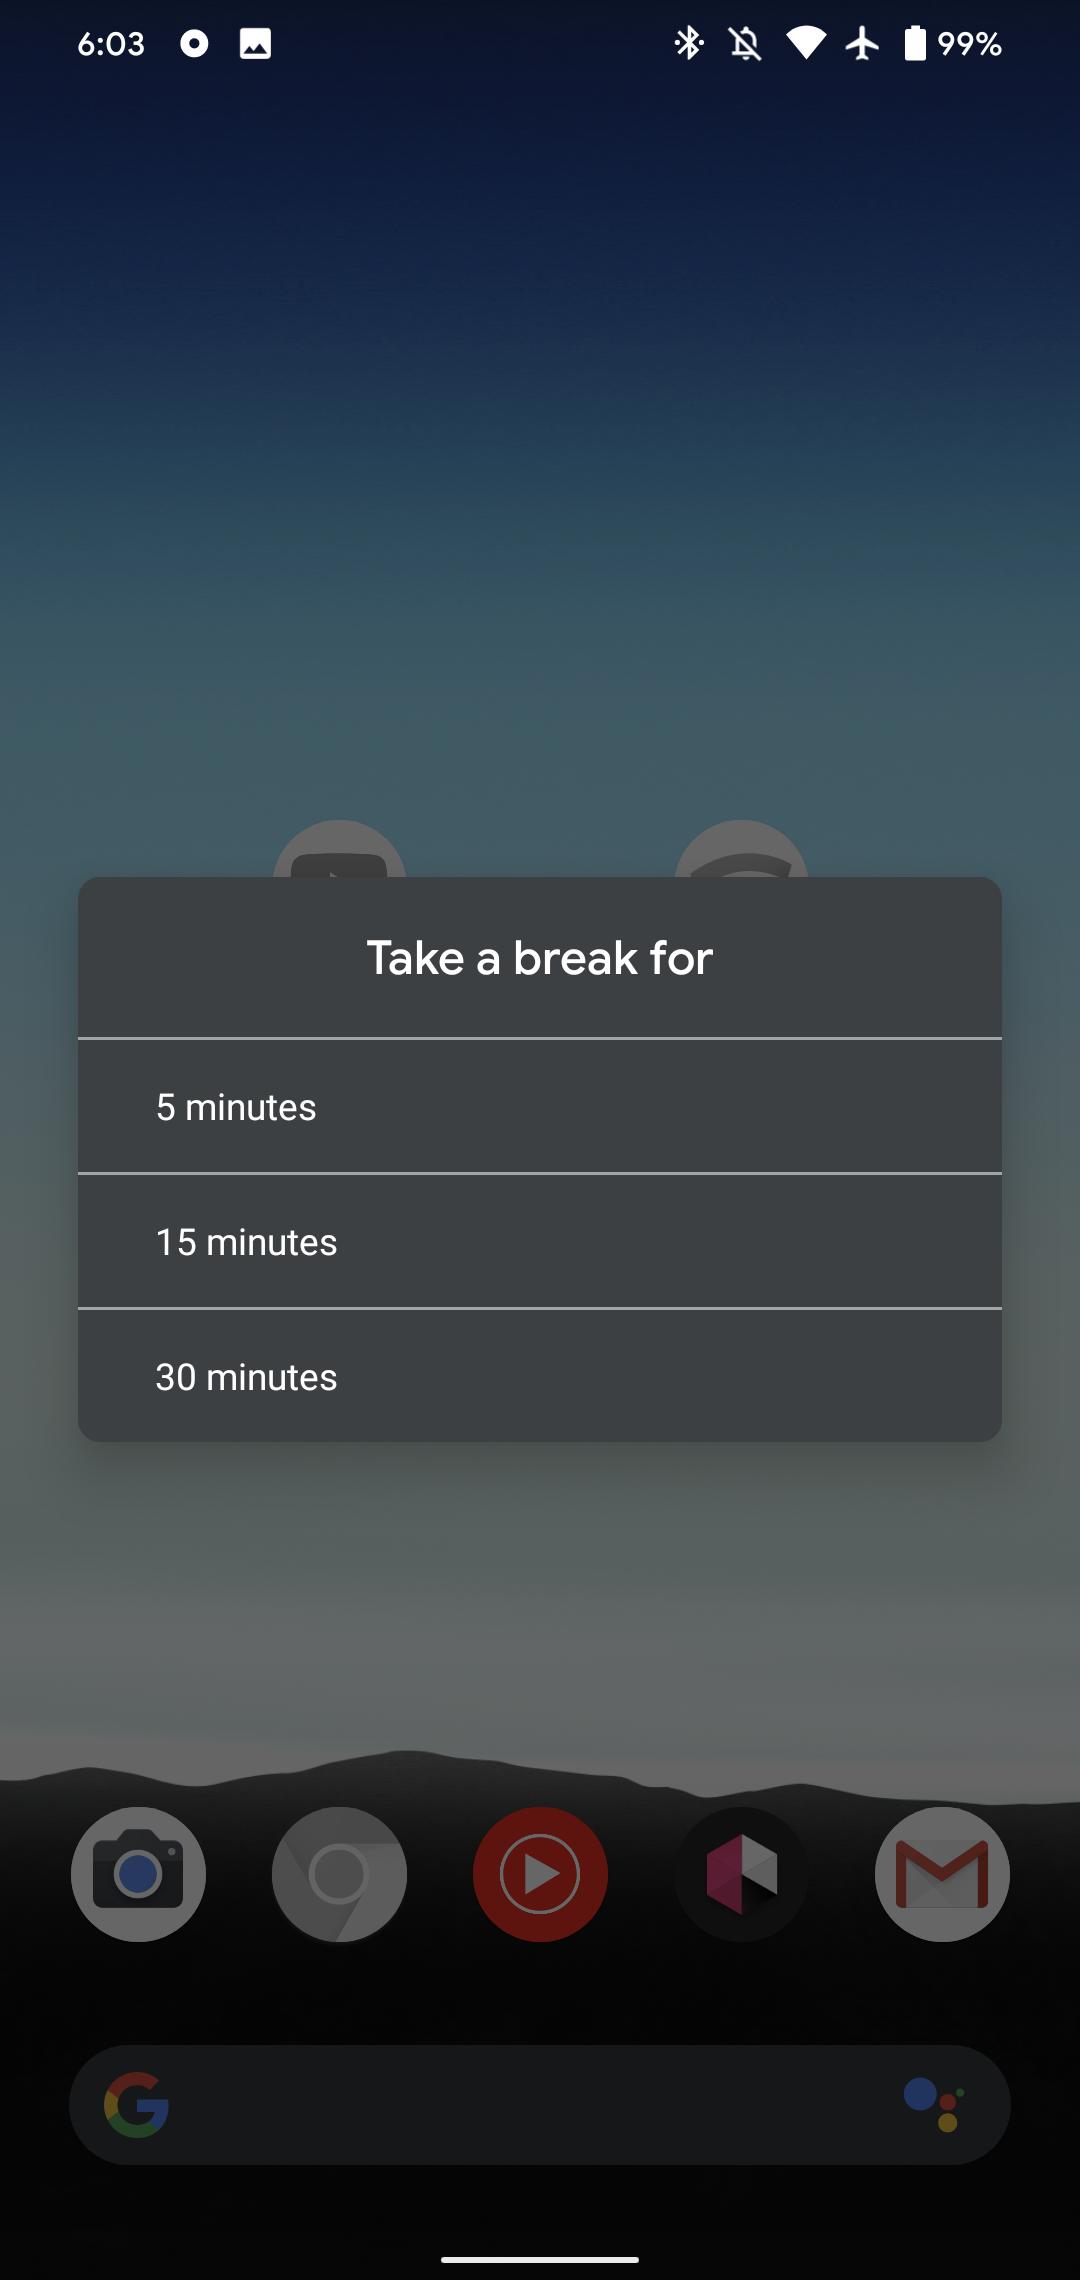 Odak Modu özelliği Android 9 ve Android 10 cihazlar için kullanılabilir hale geldi